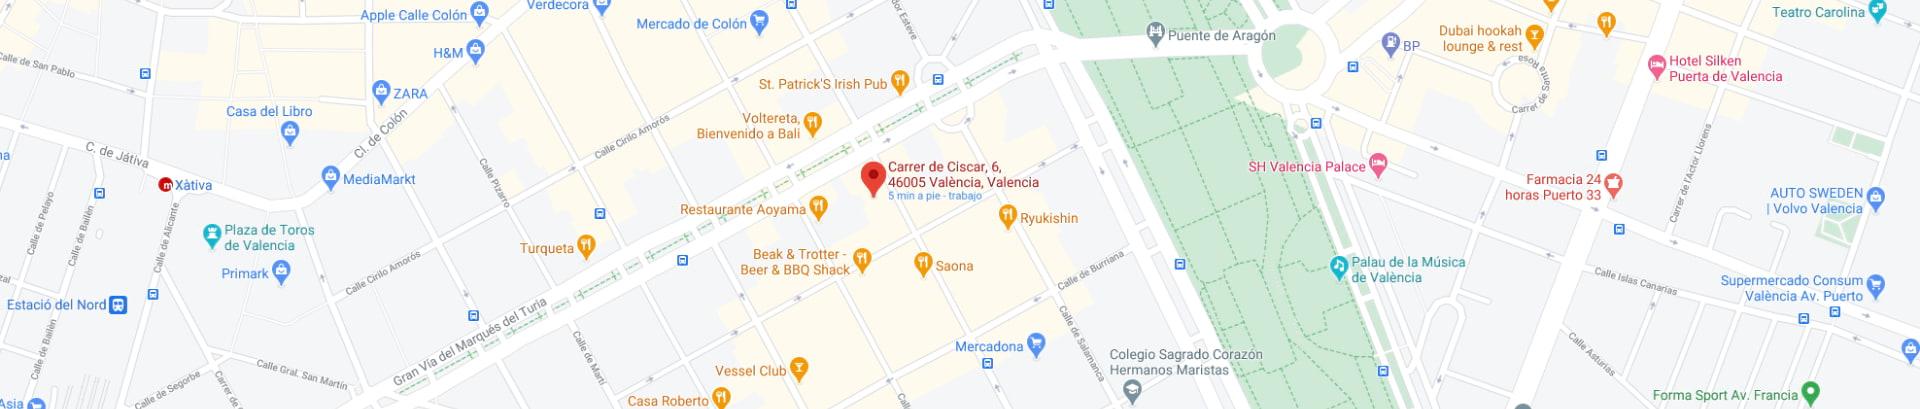 Google Maps de la oficina de Inmobiliaria EnValencia